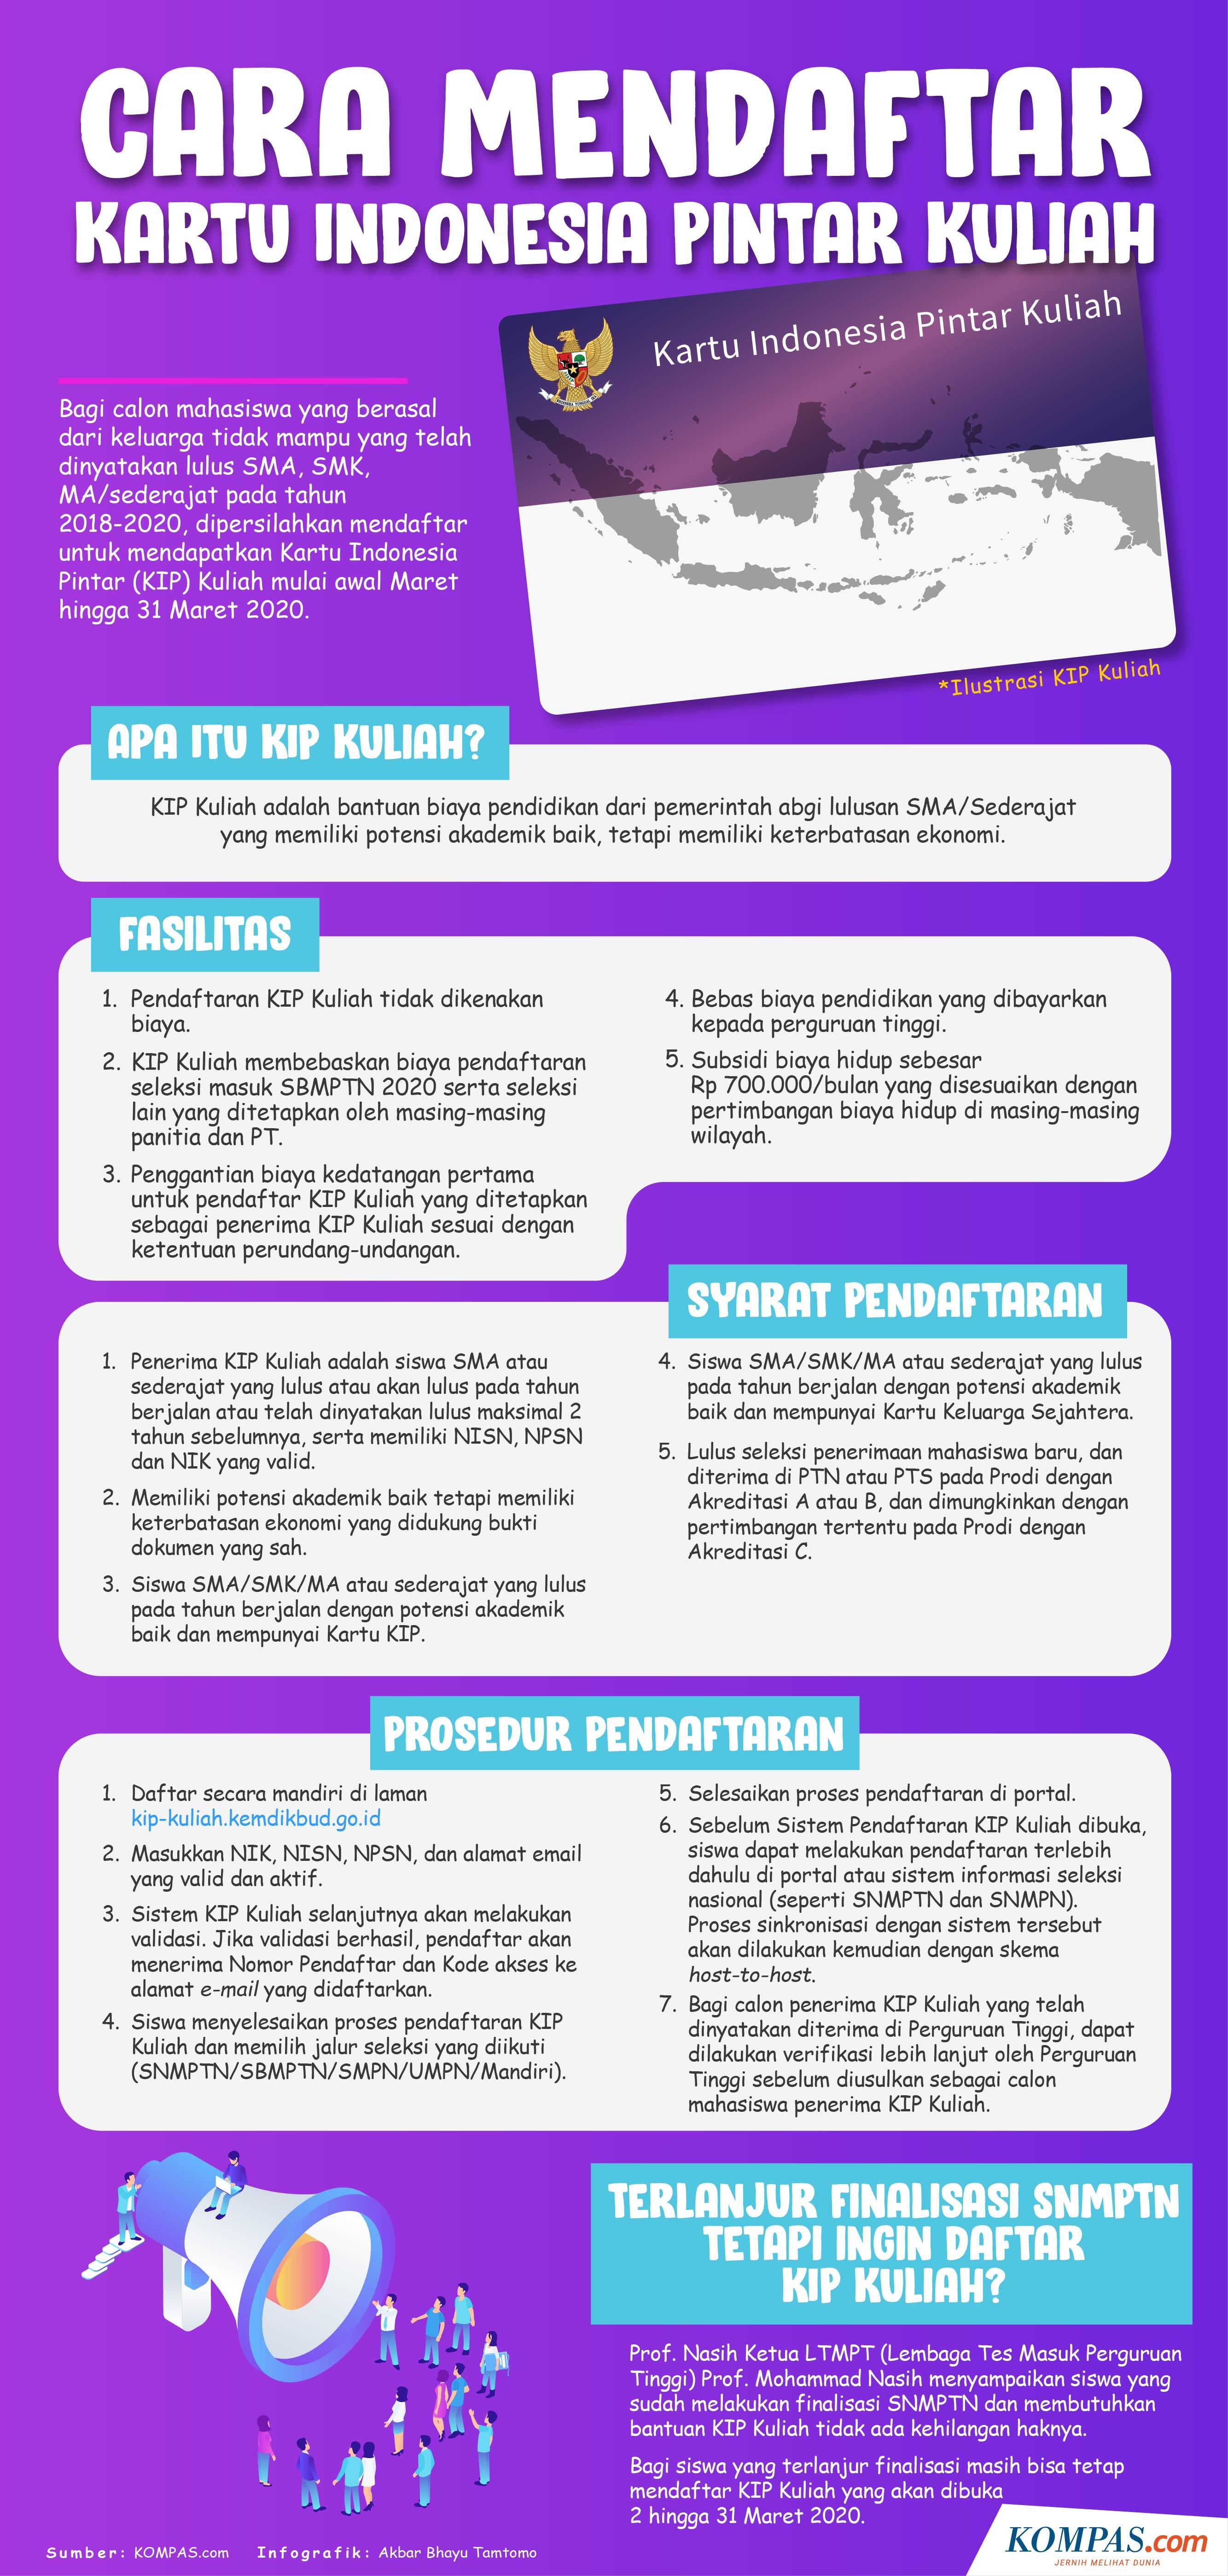 Cara Mendapatkan Nomor Pendaftaran Kip Kuliah - Peranti Guru